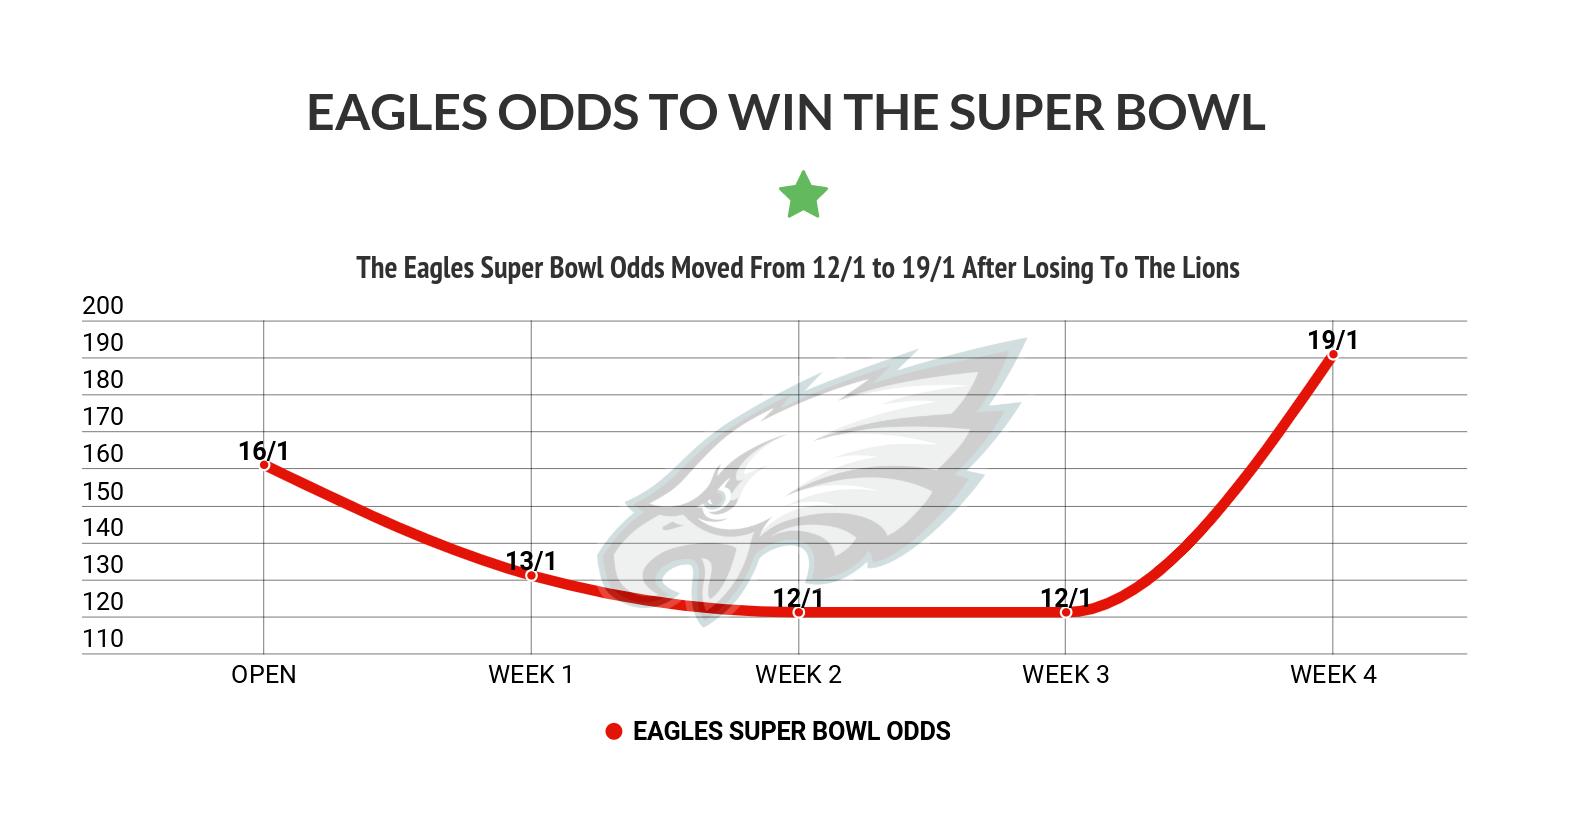 Eagles super bowl image by BetVega on Super Bowl 2020